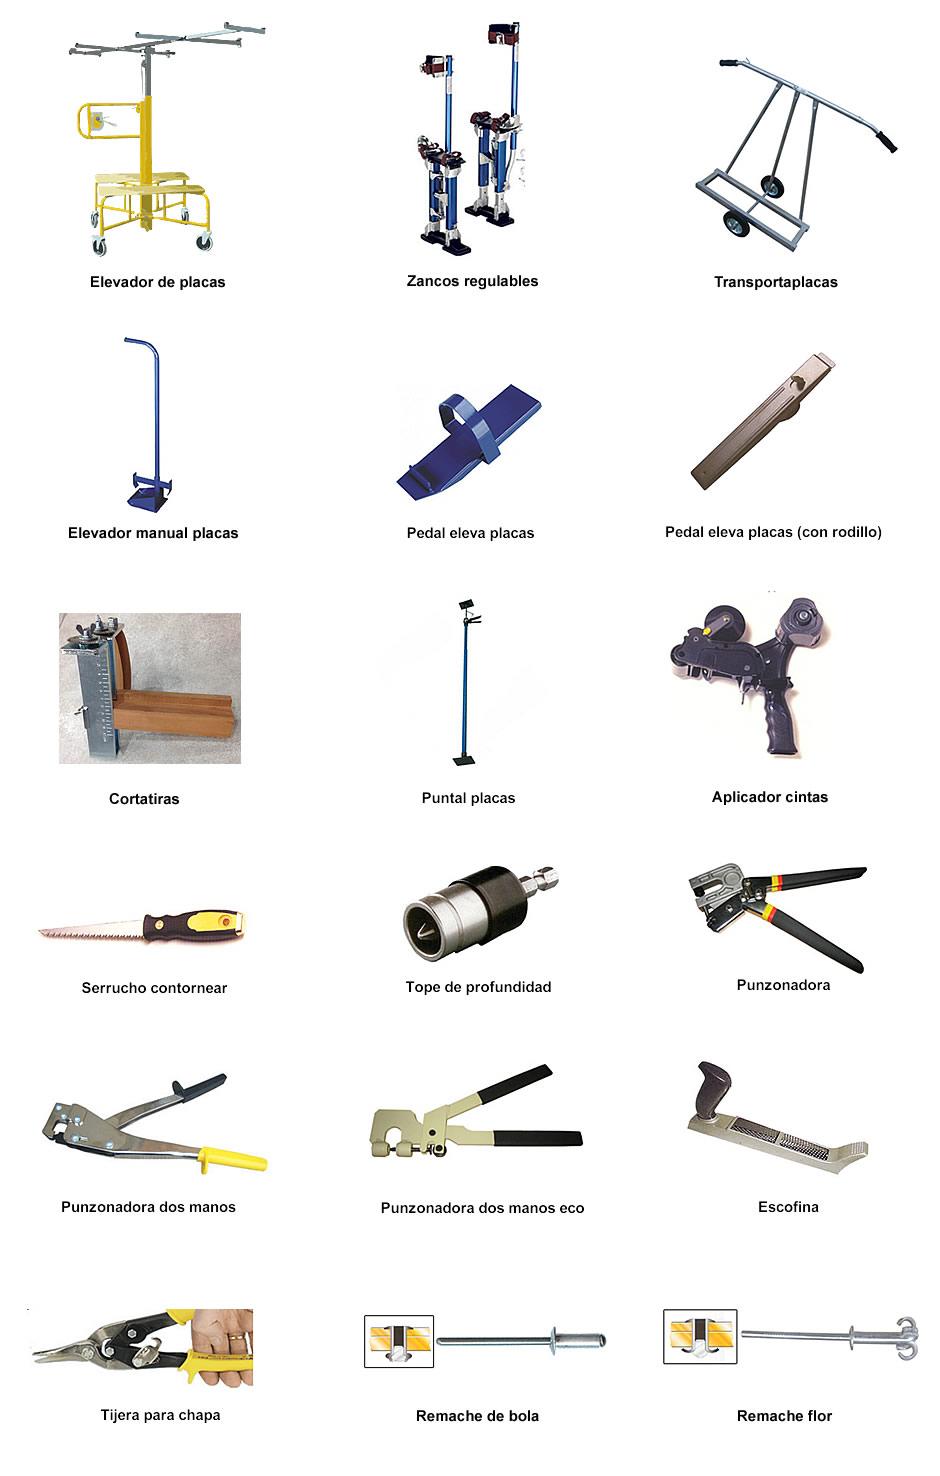 utiles y herramientas yeso laminado en Gomilagost